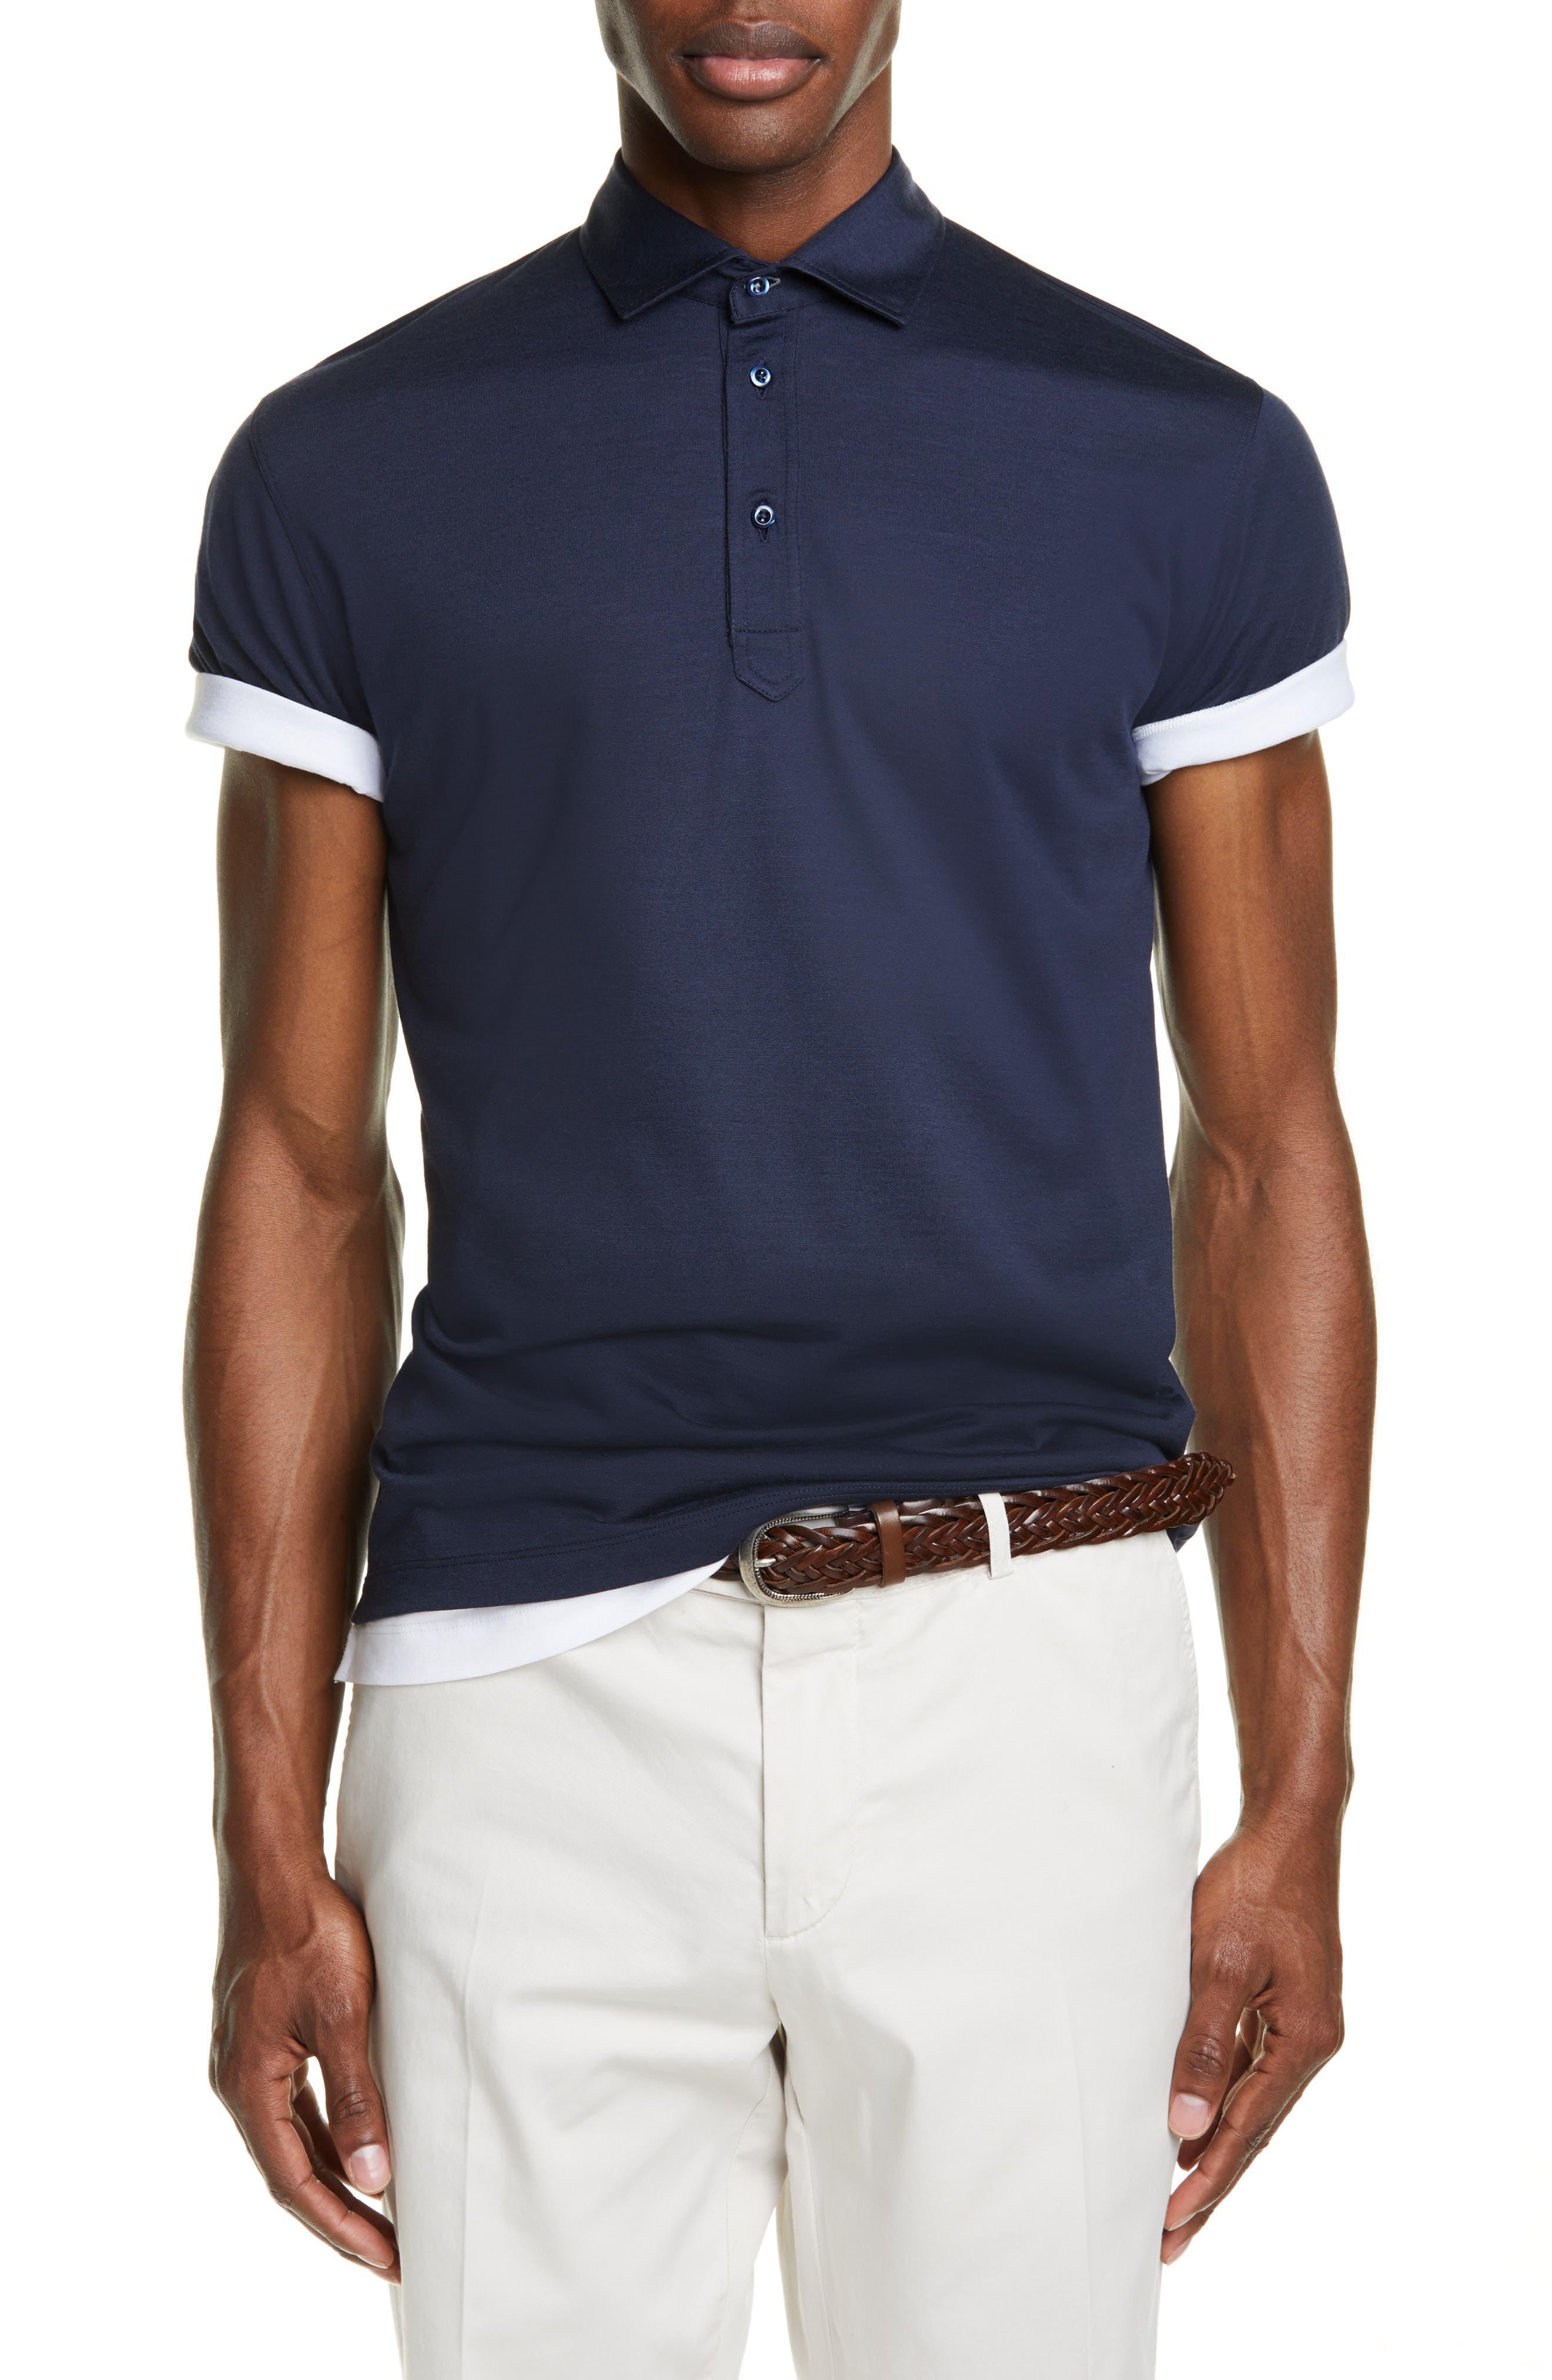 2e997451 Blue Designer Polo Shirts for Men: Short & Long Sleeves | Nordstrom